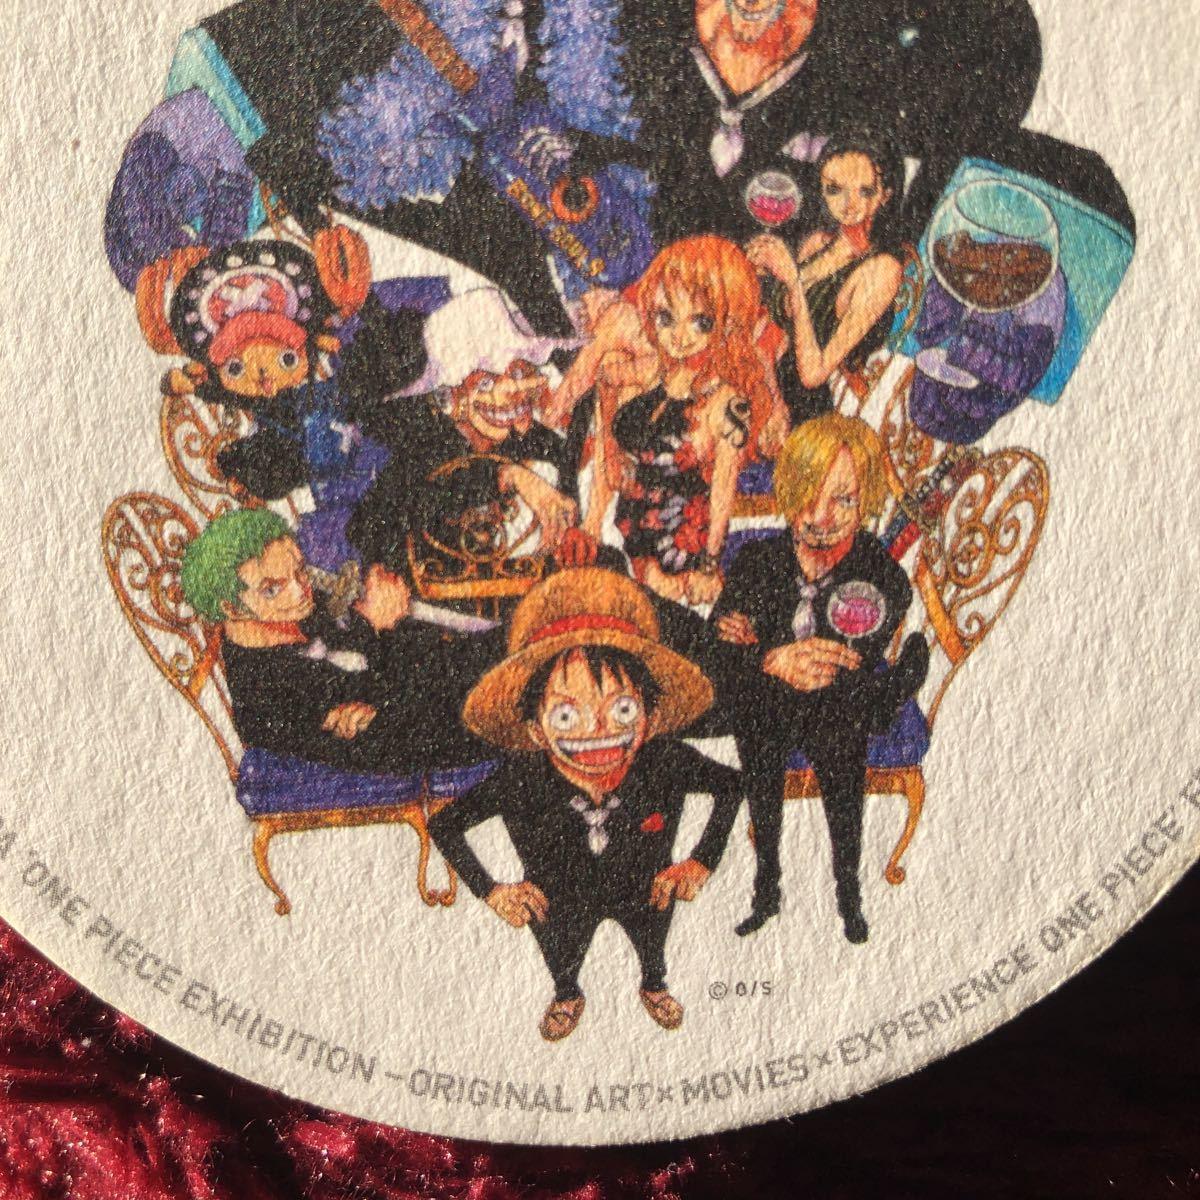 ワンピース 非売品 ワンピース展 コースター 麦わらの一味 ルフィ ナミ ロビン サンジ ゾロ チョッパー フランキー ブルック ウソップ